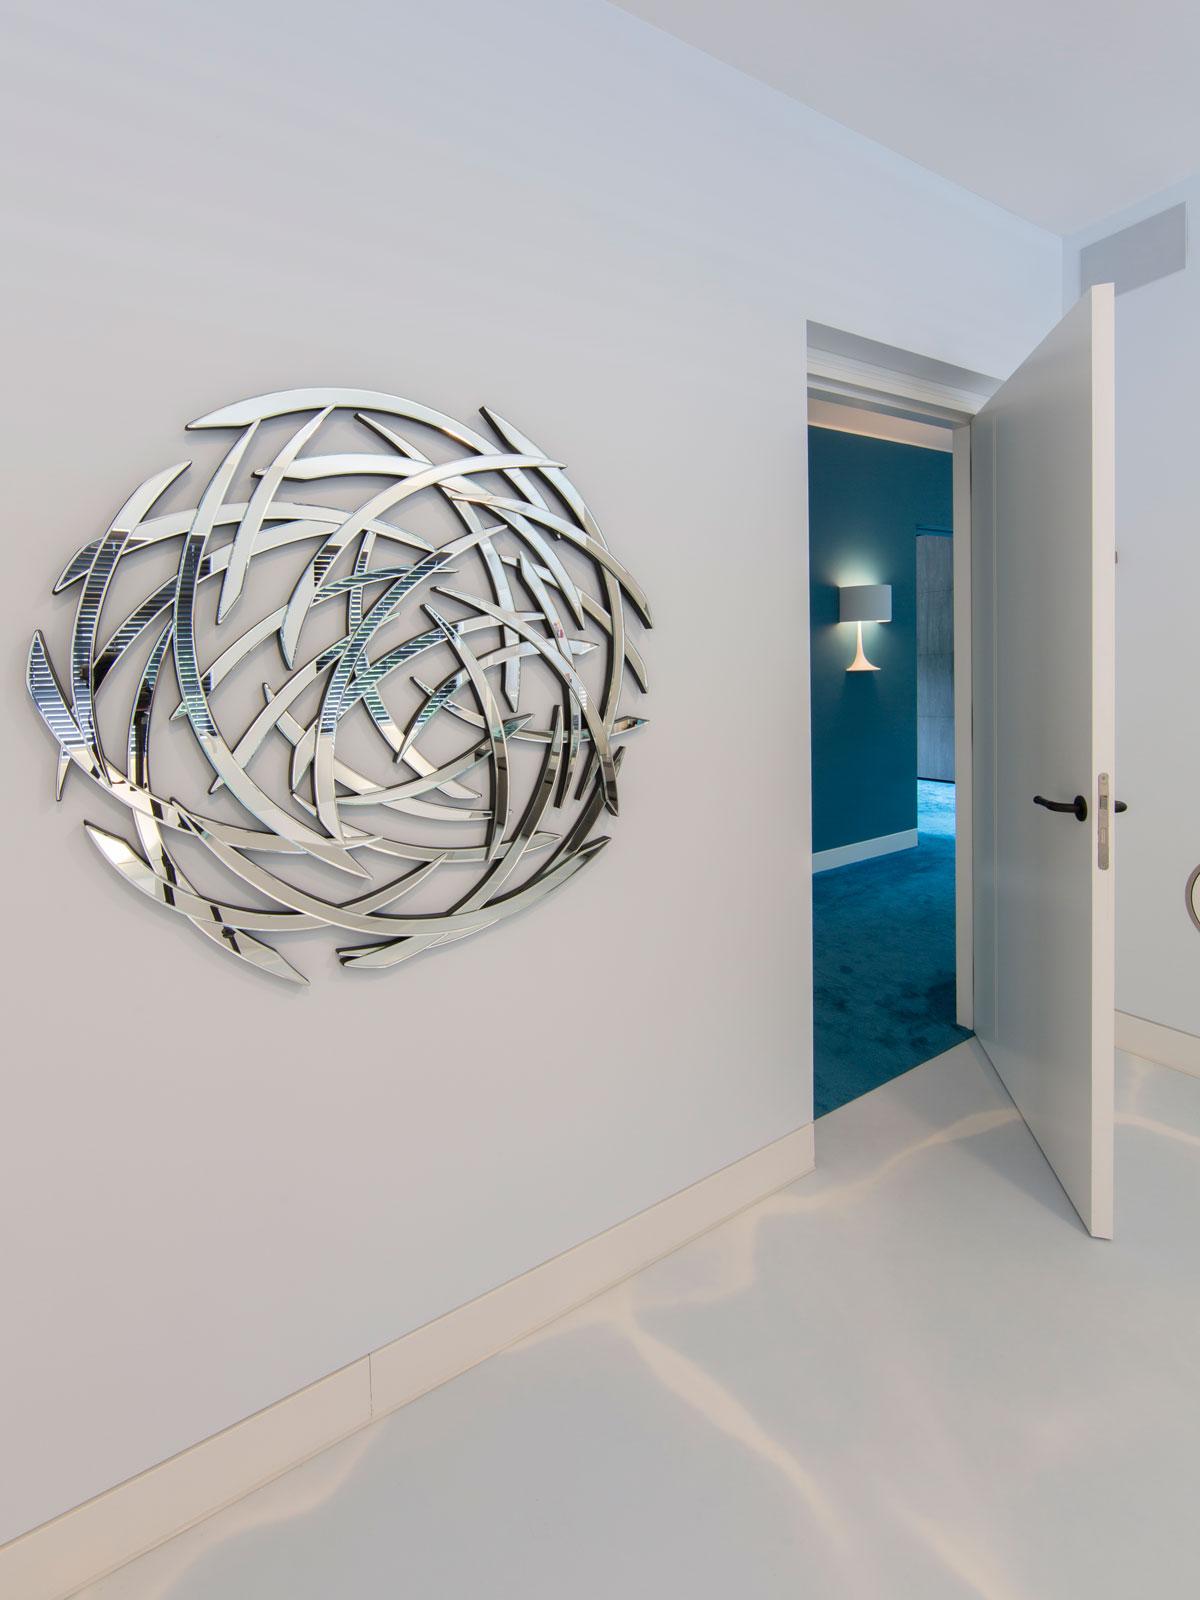 Gietvloer badkamer, DRT Gietvloeren, the art of living